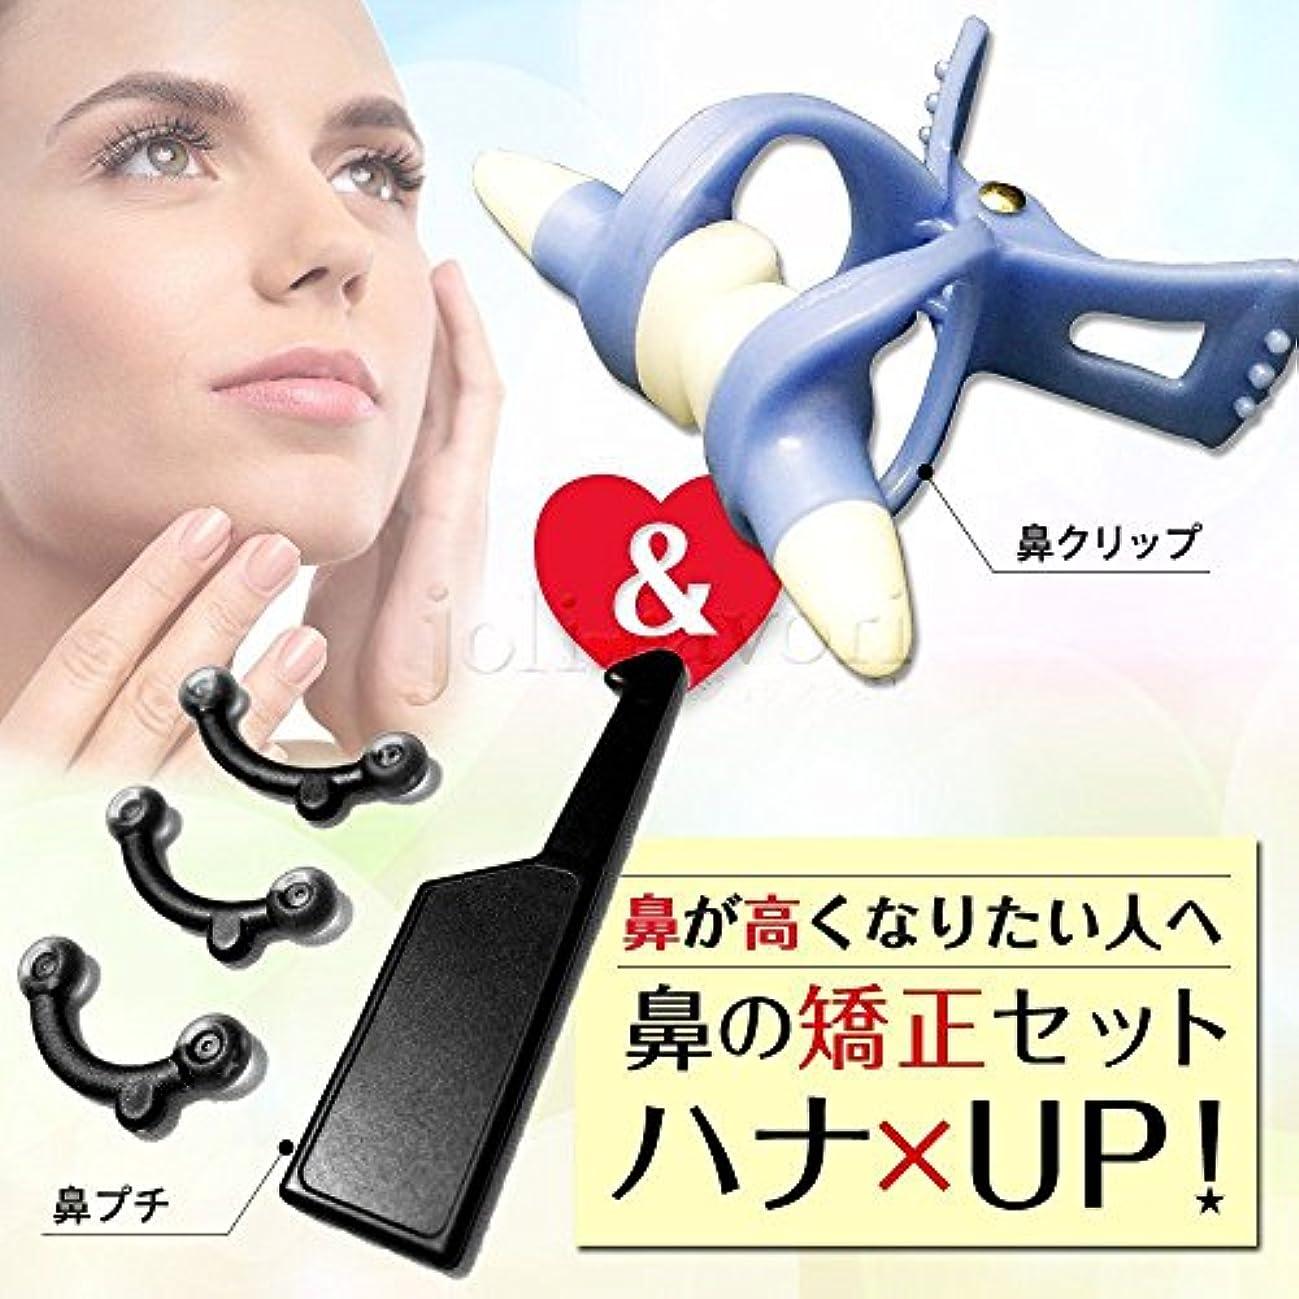 発送サドル足枷【jolifavori】鼻プチ&ノーズアップ 着けるだけ簡単!鼻メイク矯正セット